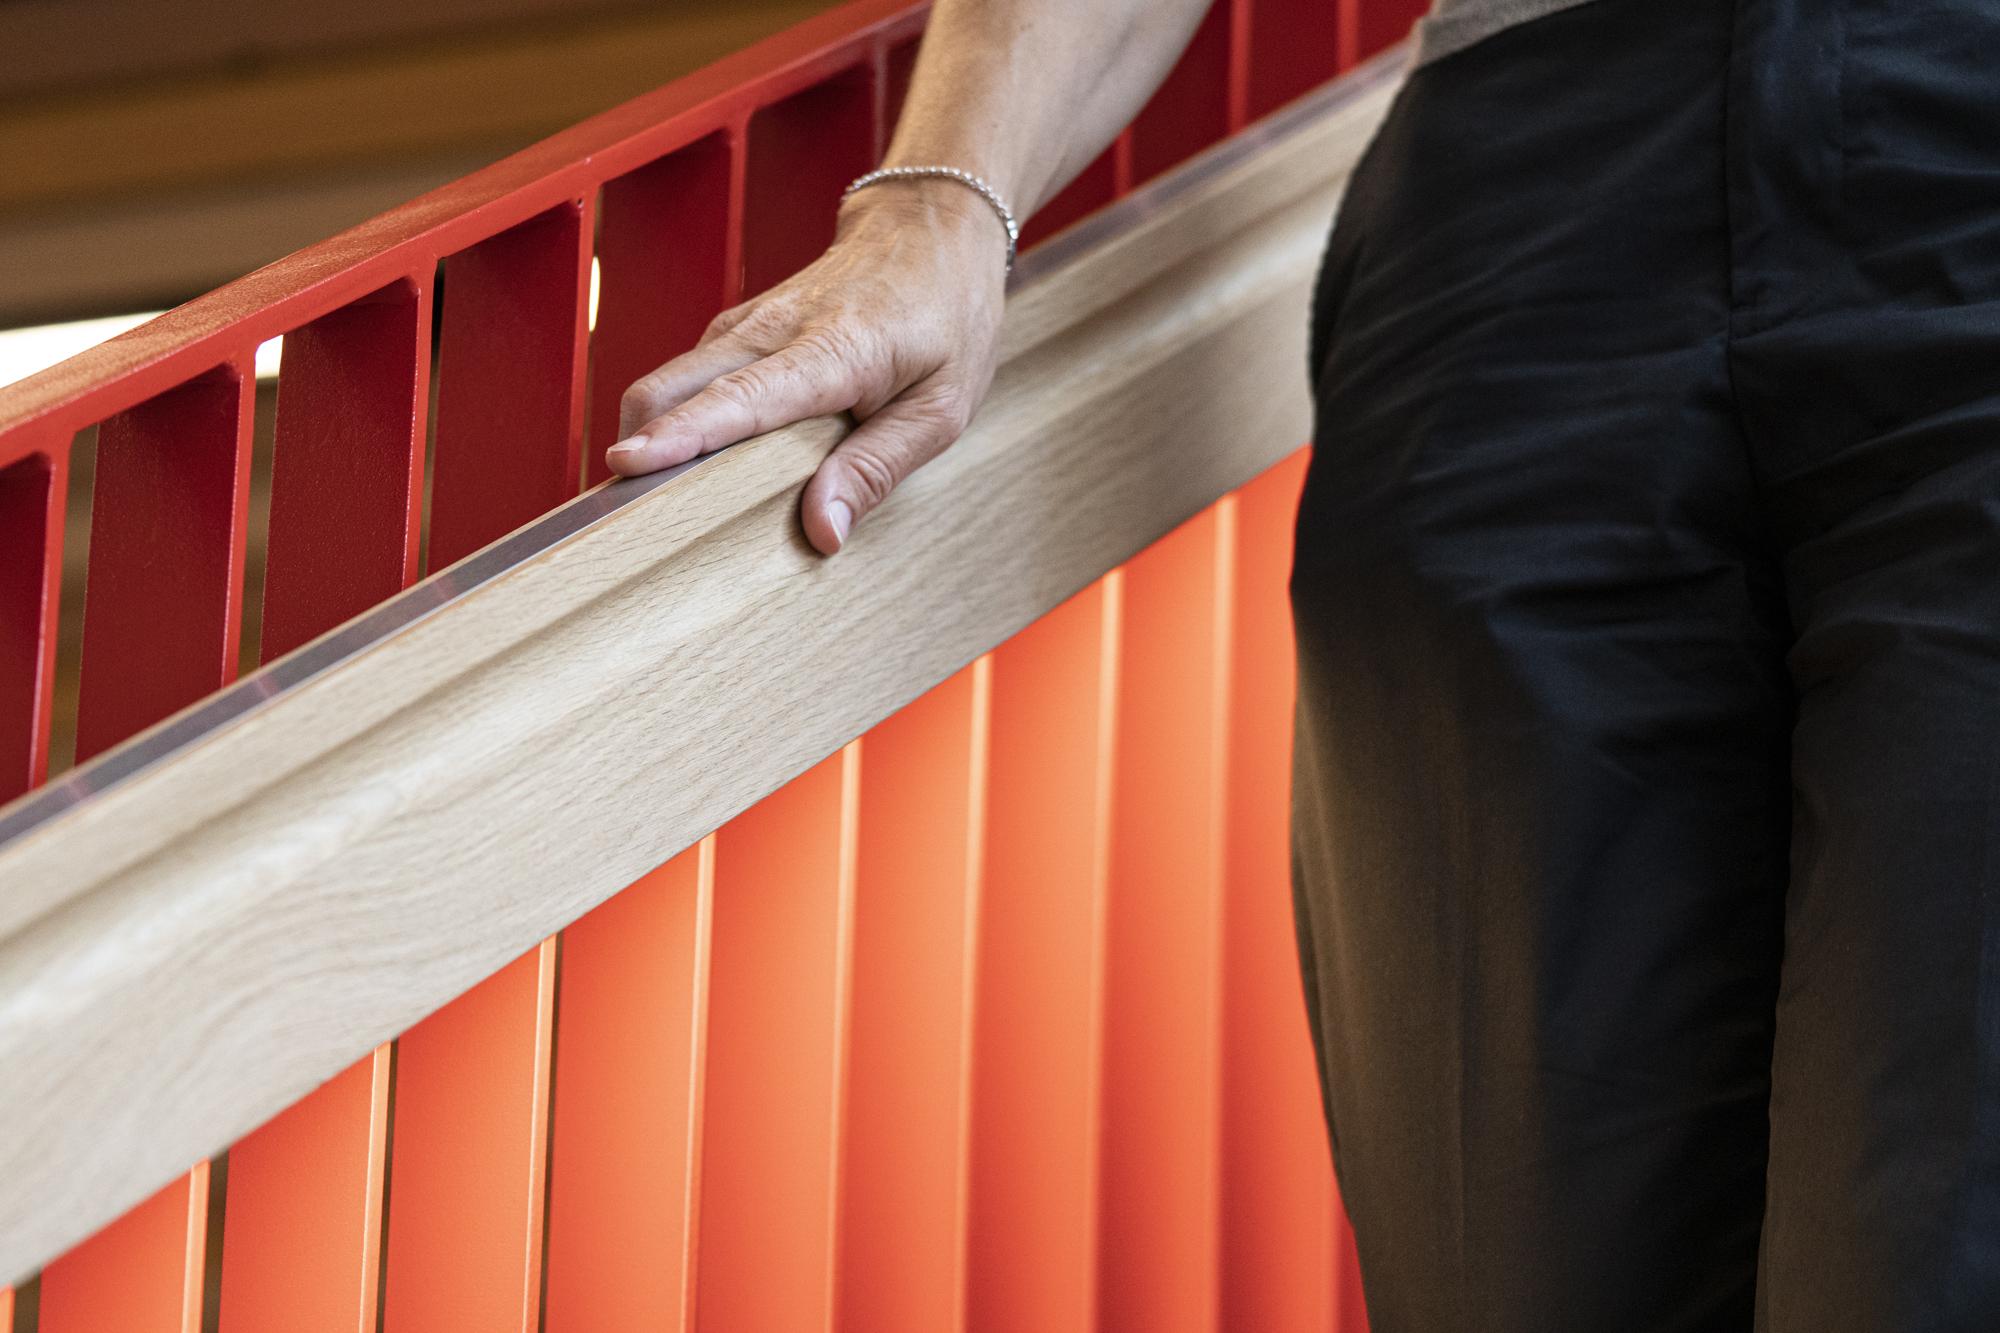 <p>7.Zodra de trapleuning wordt aangeraakt gaat de verlichting in de leuning aan. Dit stimuleert veilig en actief gebruik van de trap &#8211; foto Frank Hanswijk</p>